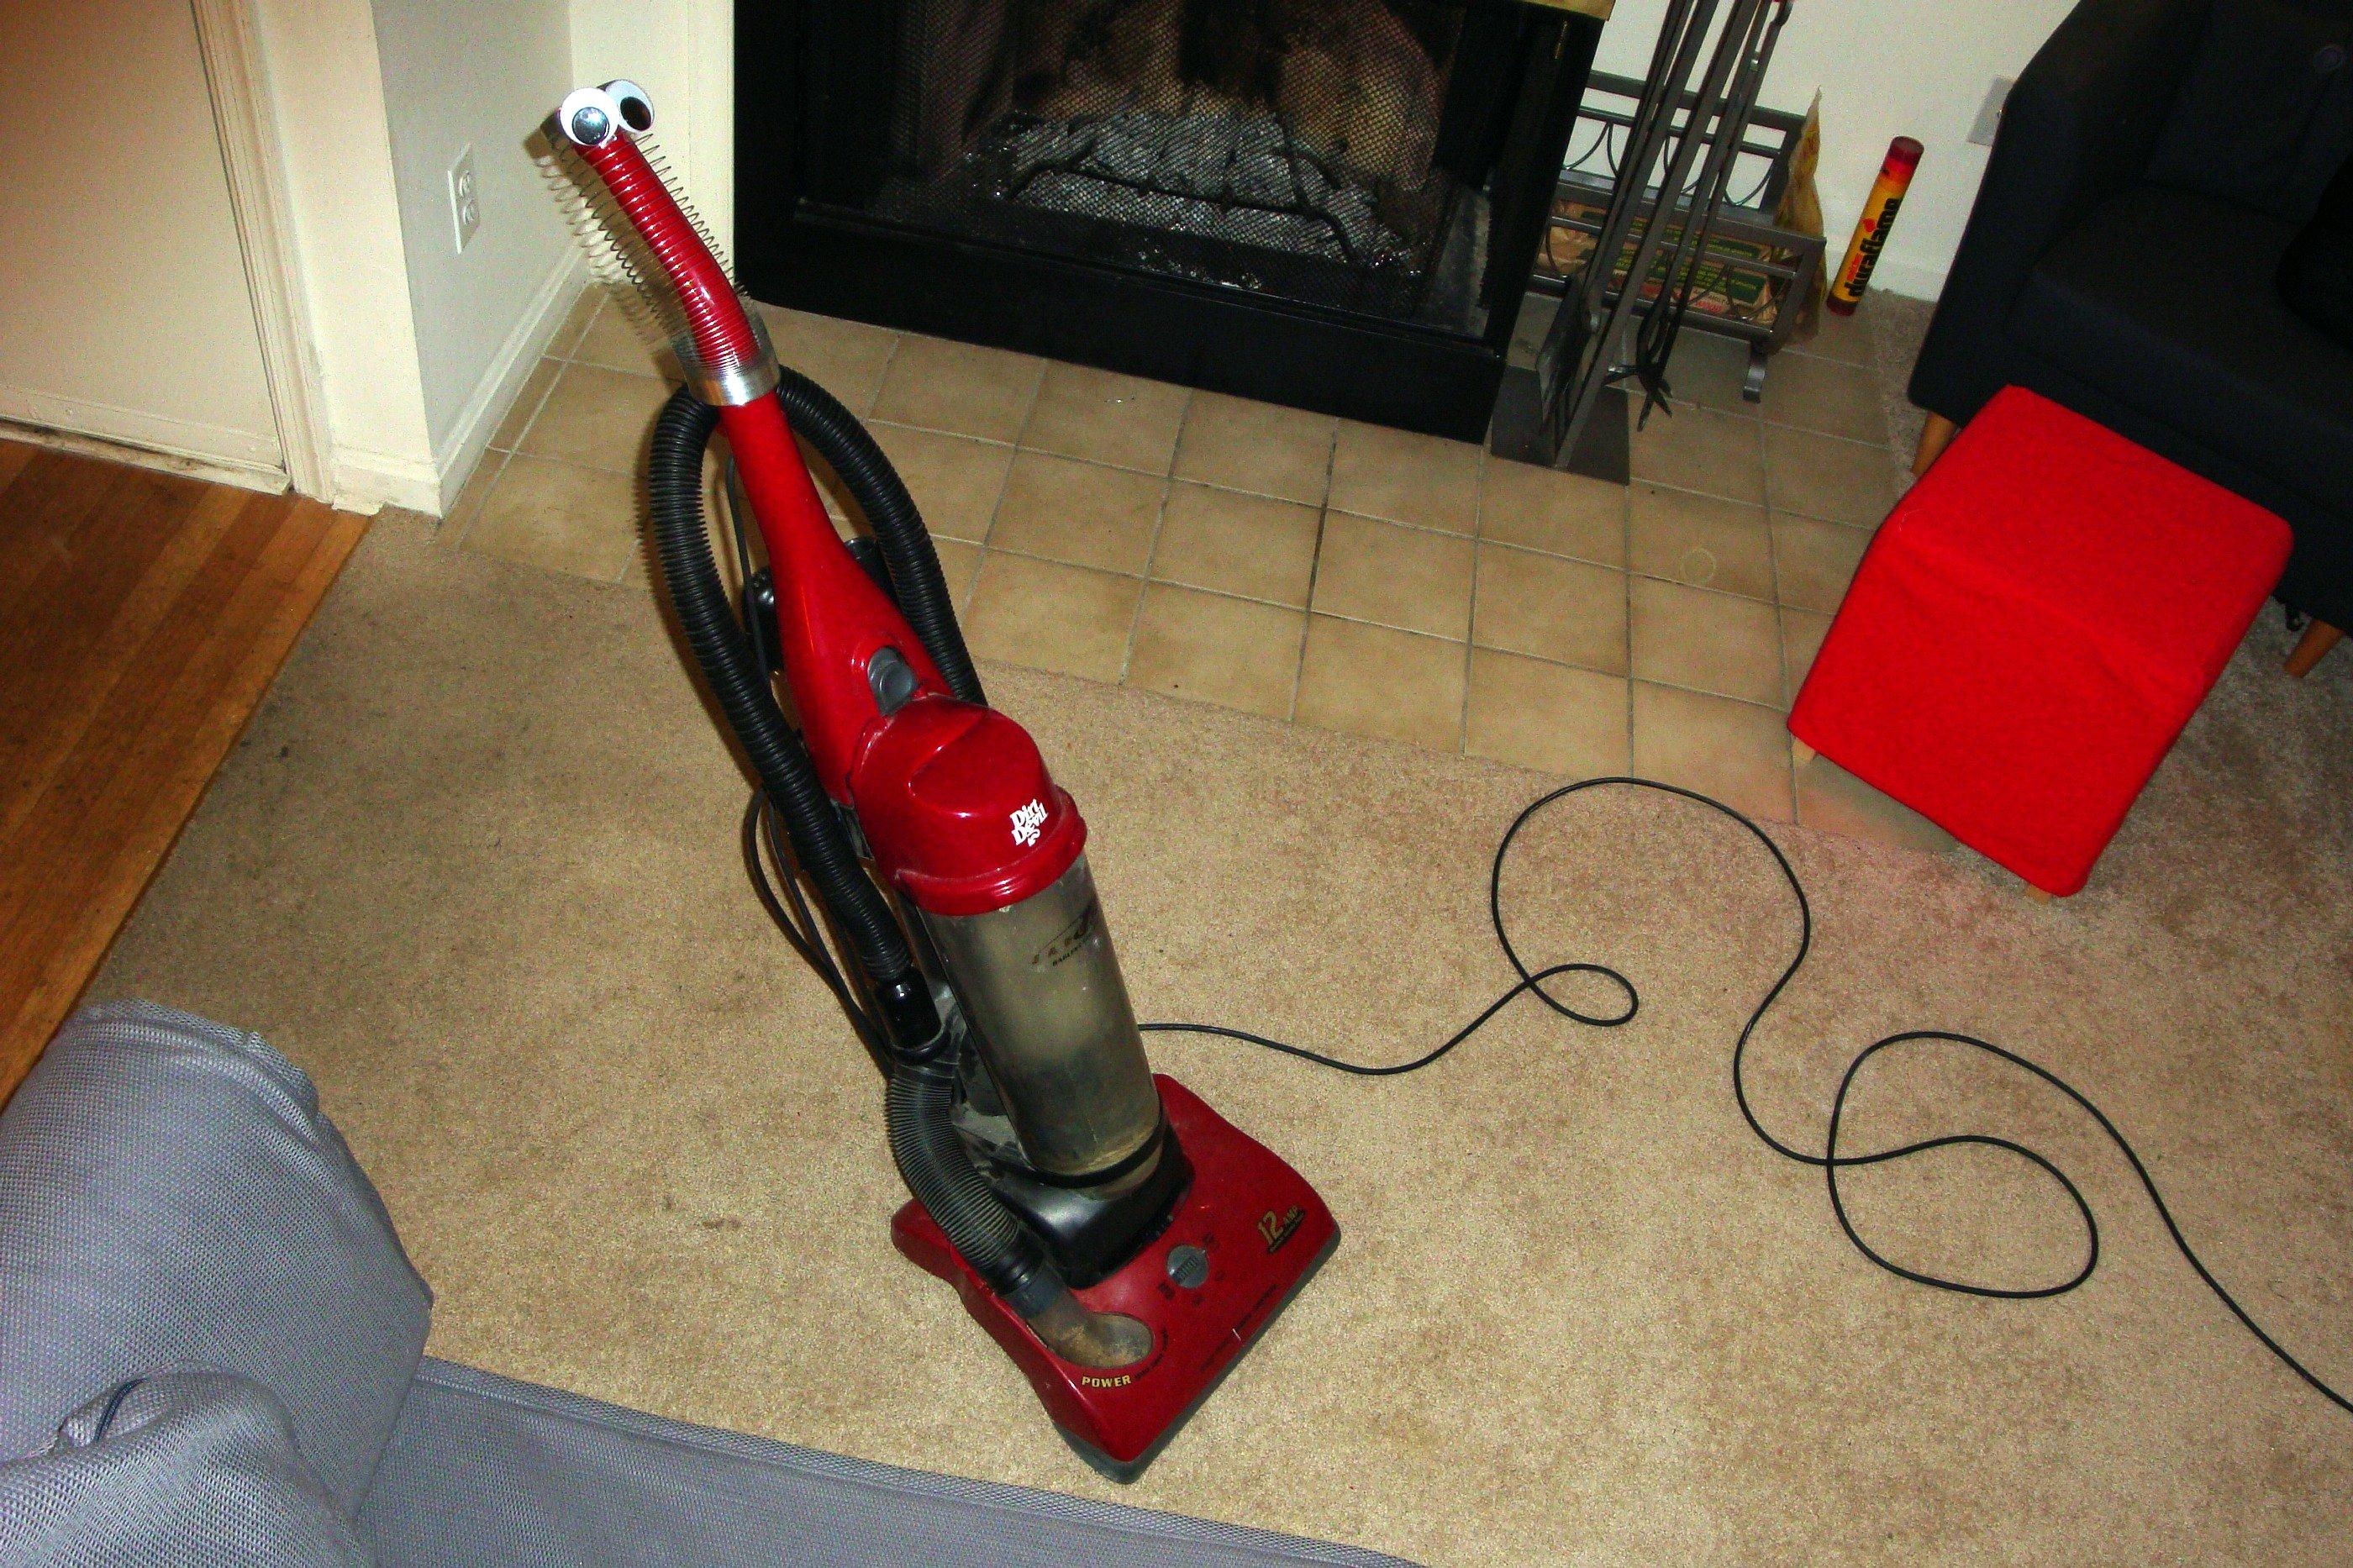 FileDirt Devil Brand Vacuum Cleaner